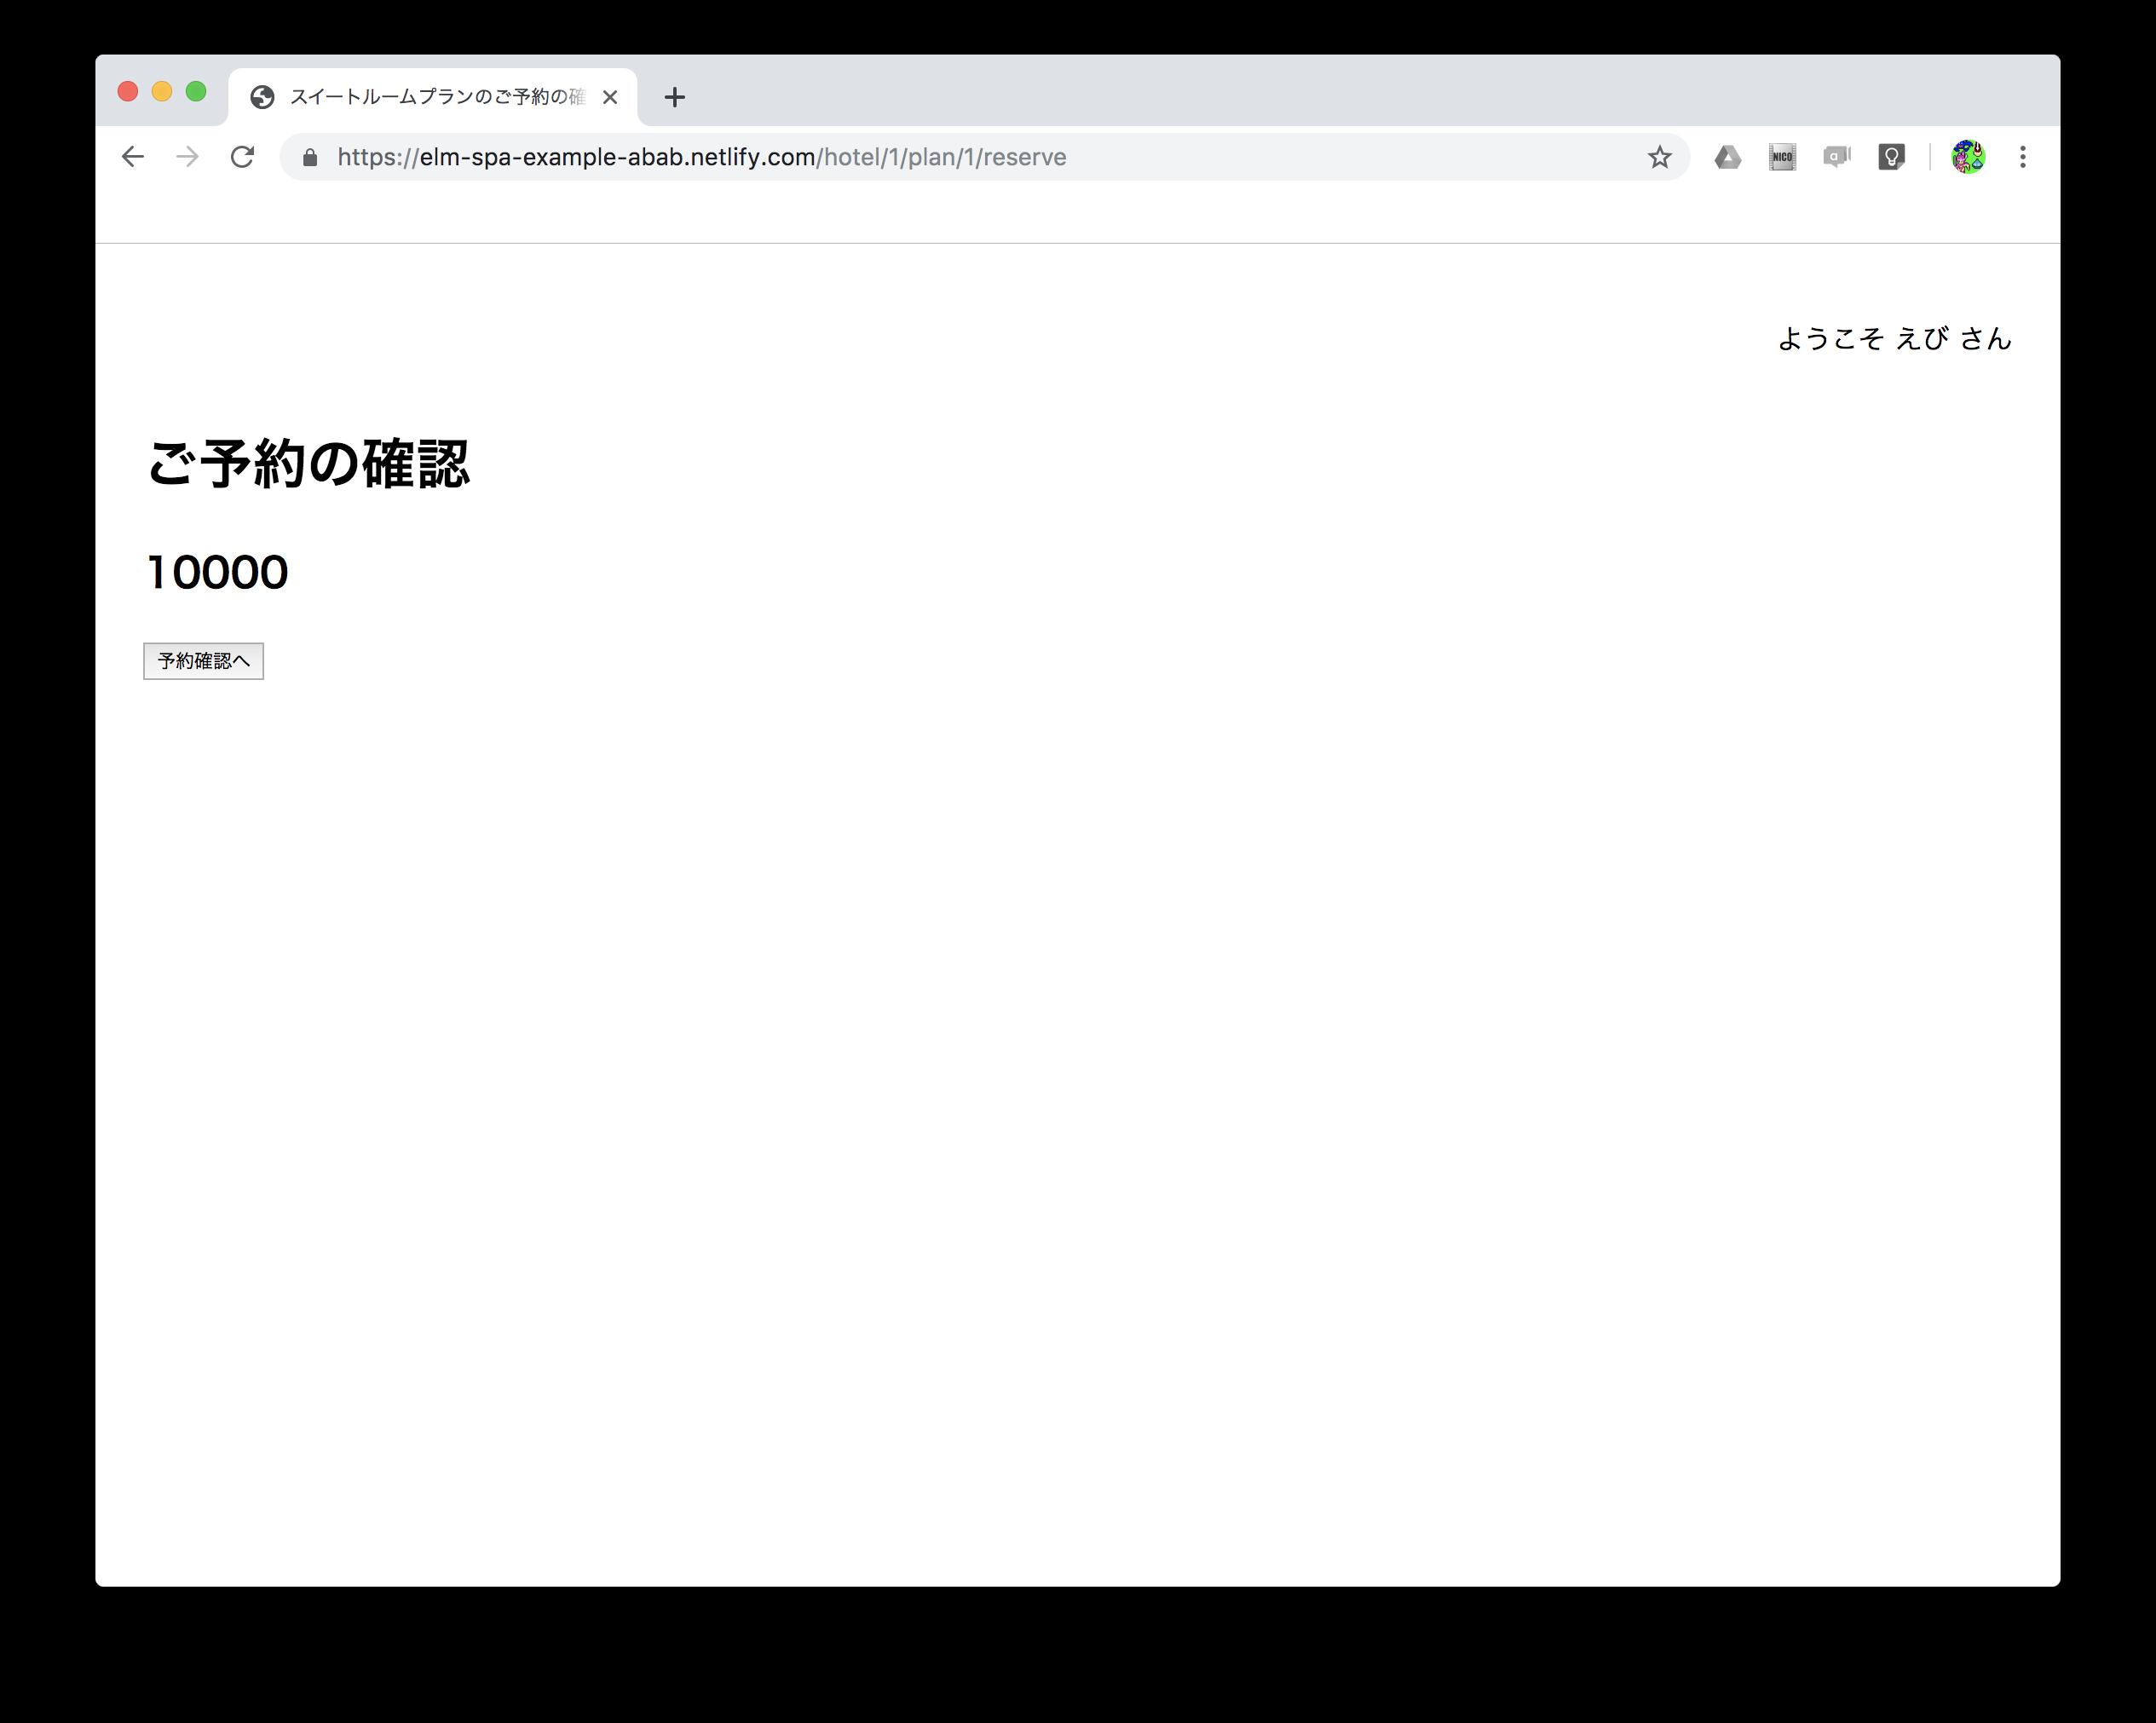 スクリーンショット 2019-06-09 10.34.37.png